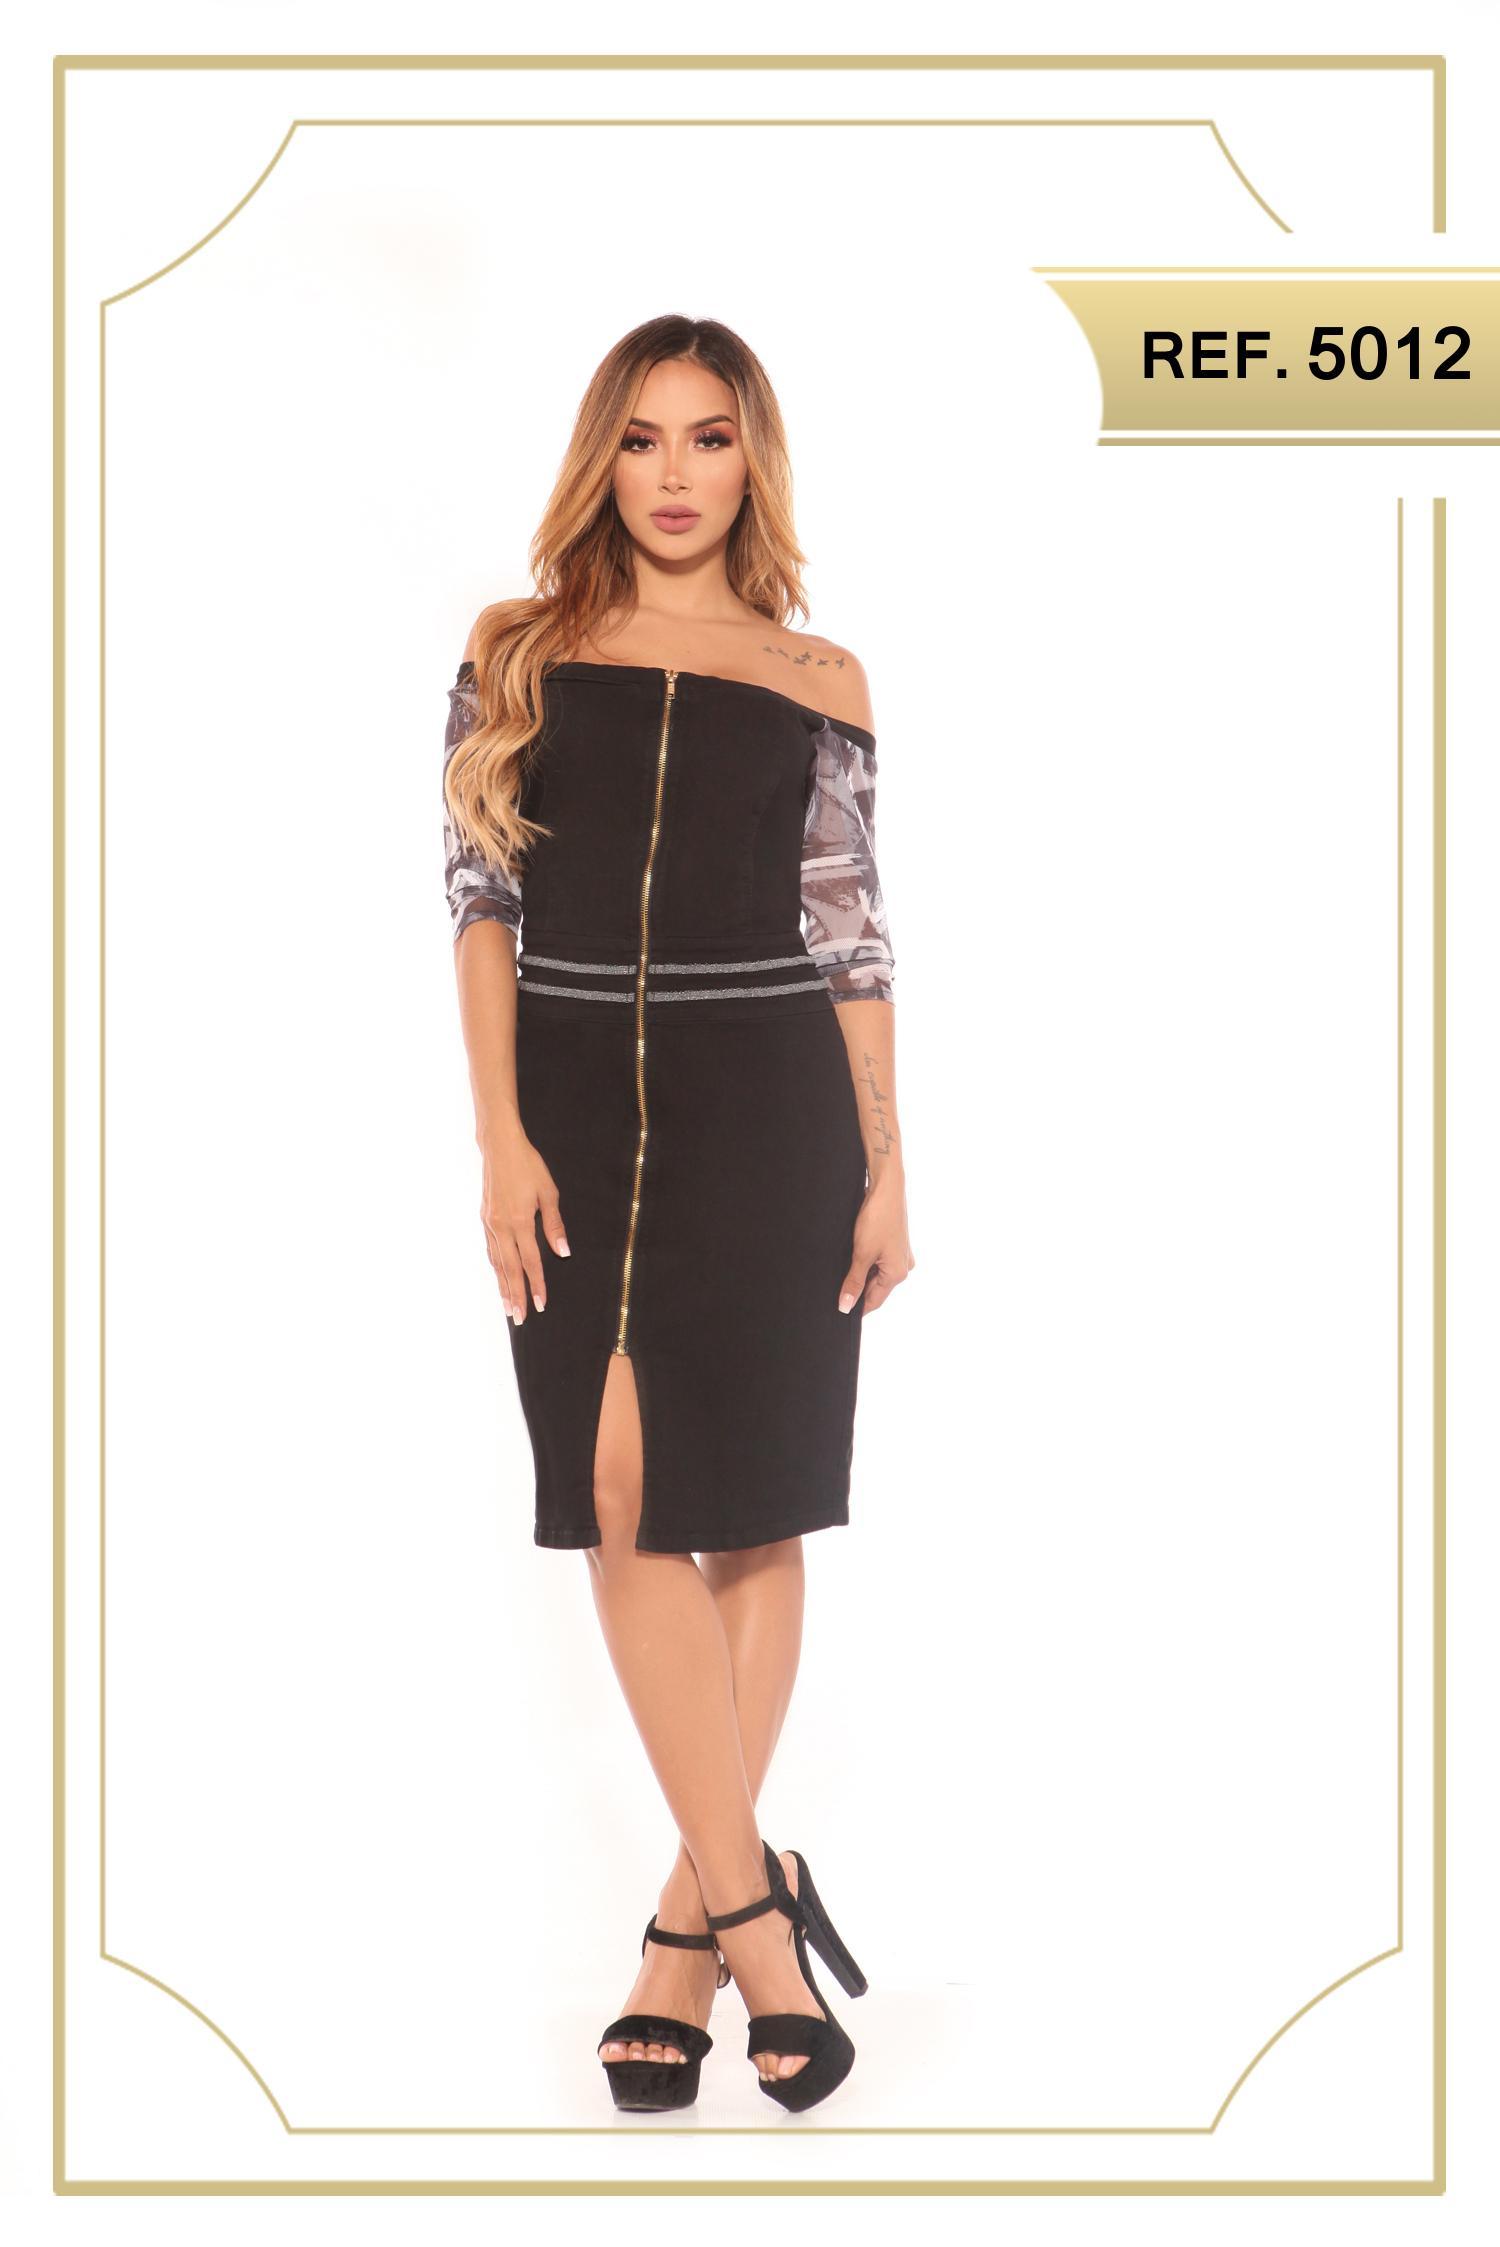 Vestido Colombiano de Jean color negro, con cremallera frontal, estilo falda de media pierna, con apertura decorativo en una pierna. Mangas hasta el antebrazo con decorado floral.